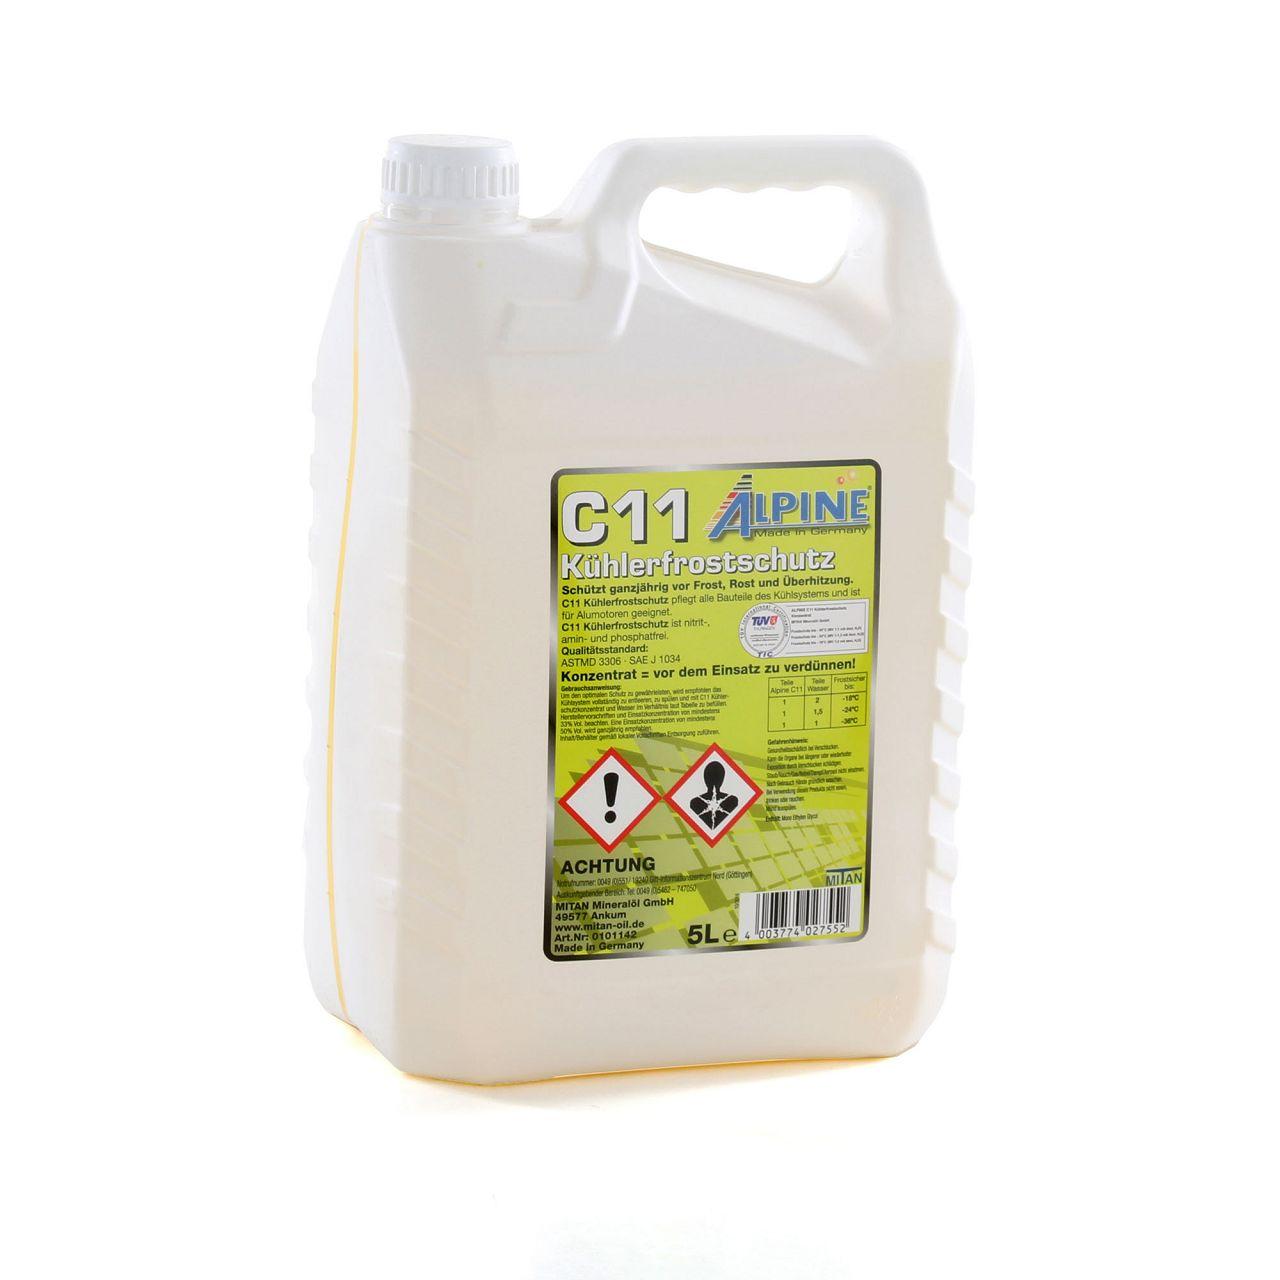 ALPINE Frostschutz Kühler Kühlerfrostschutz Konzentrat 5L C11 G11 GELB